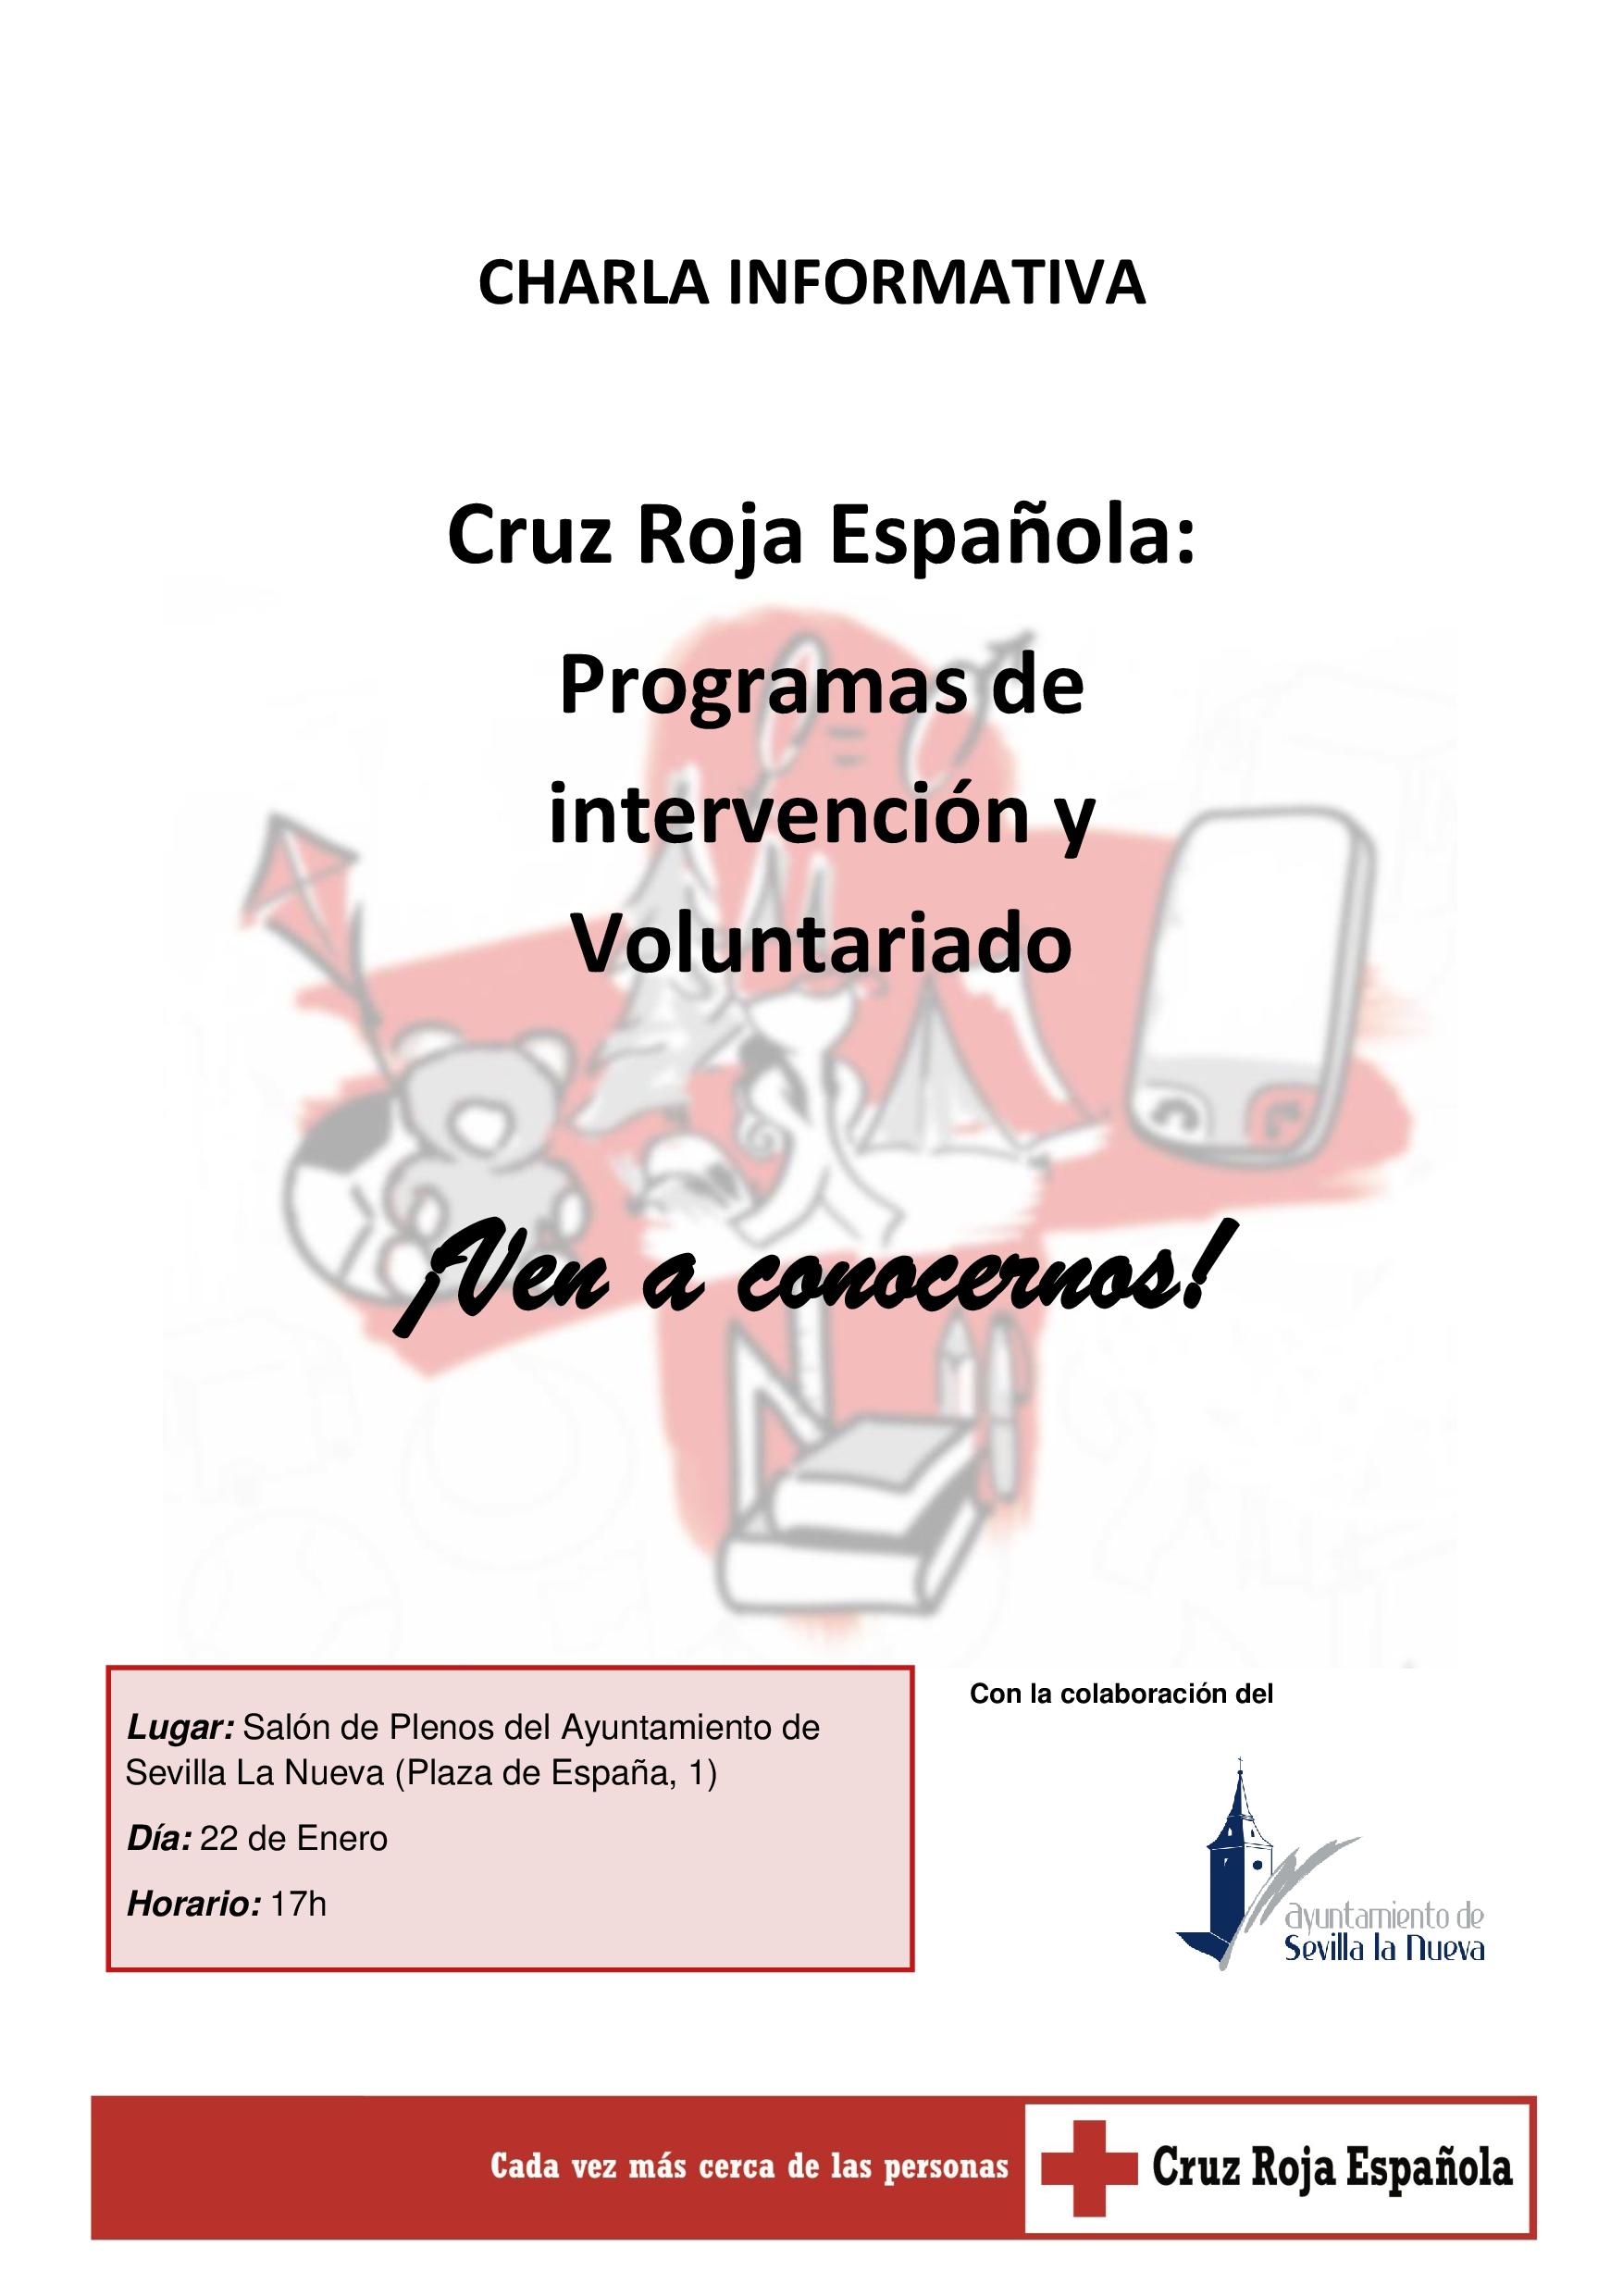 Charla Informativa - Cruz Roja Sevilla la Nueva @ Salón de Plenos